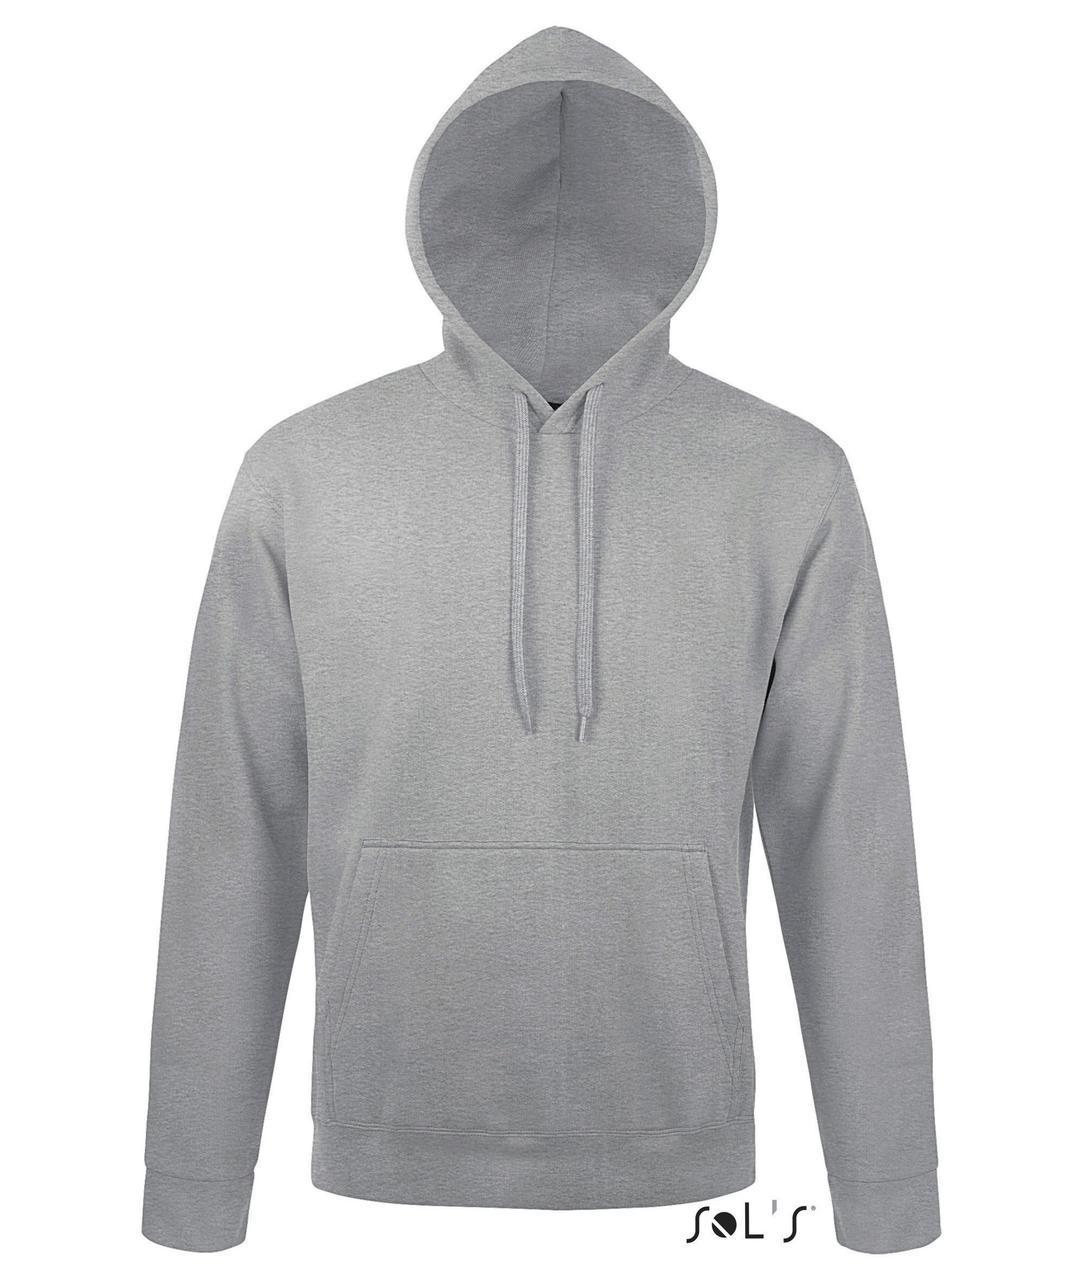 Свитшот унисекс SNAKE, размер S, цвет Серый.